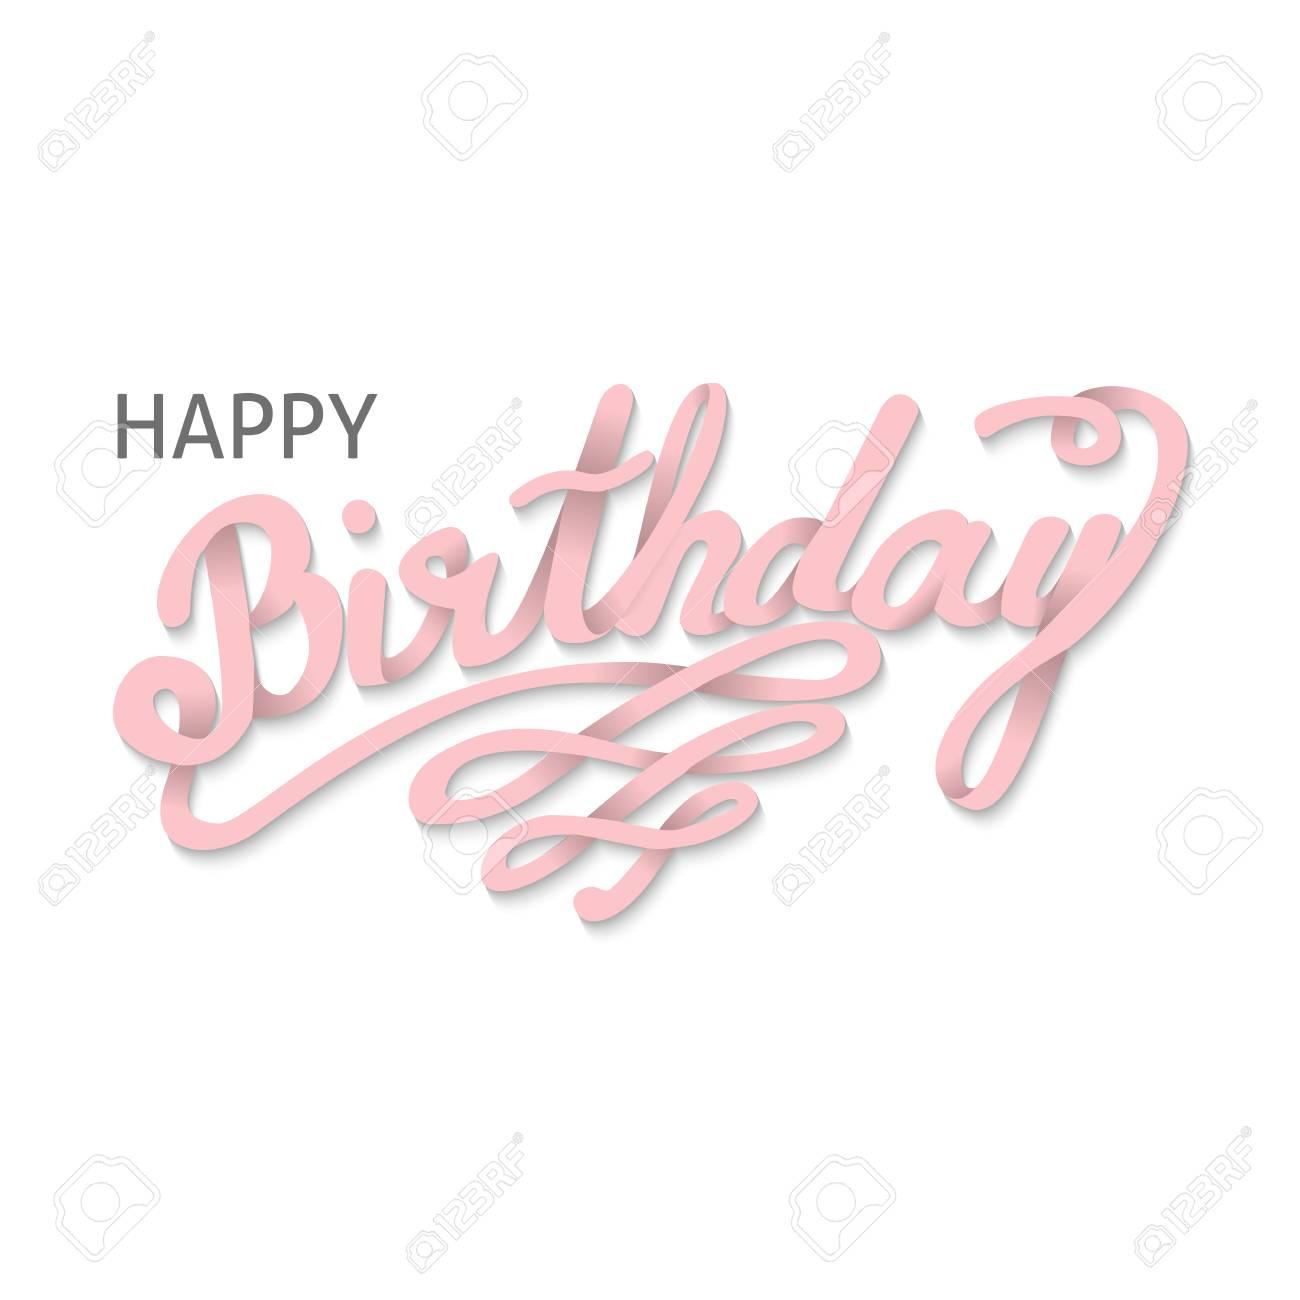 Tarjeta De Vector De Feliz Cumpleaños Handdrawn Diseño De Letras Para Invitación Y Tarjeta De Felicitación Ilustración Vectorial